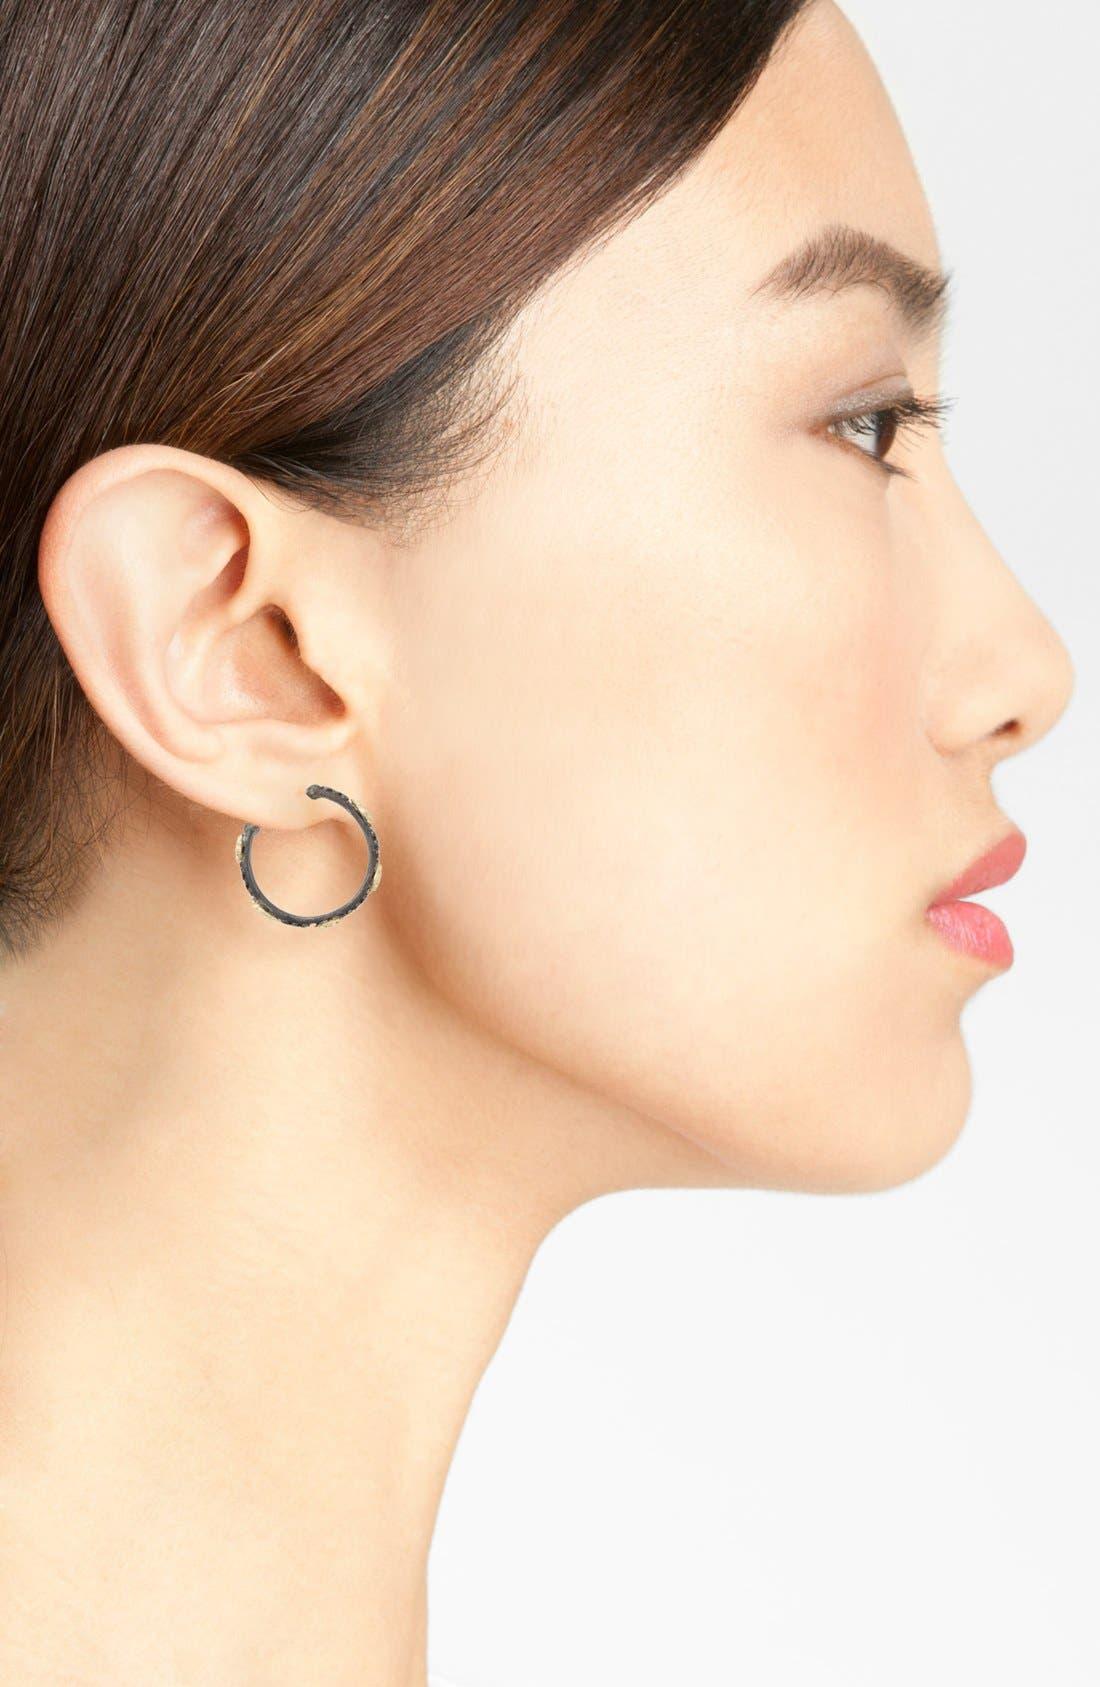 Old World Diamond Hoop Earrings,                             Alternate thumbnail 3, color,                             GOLD